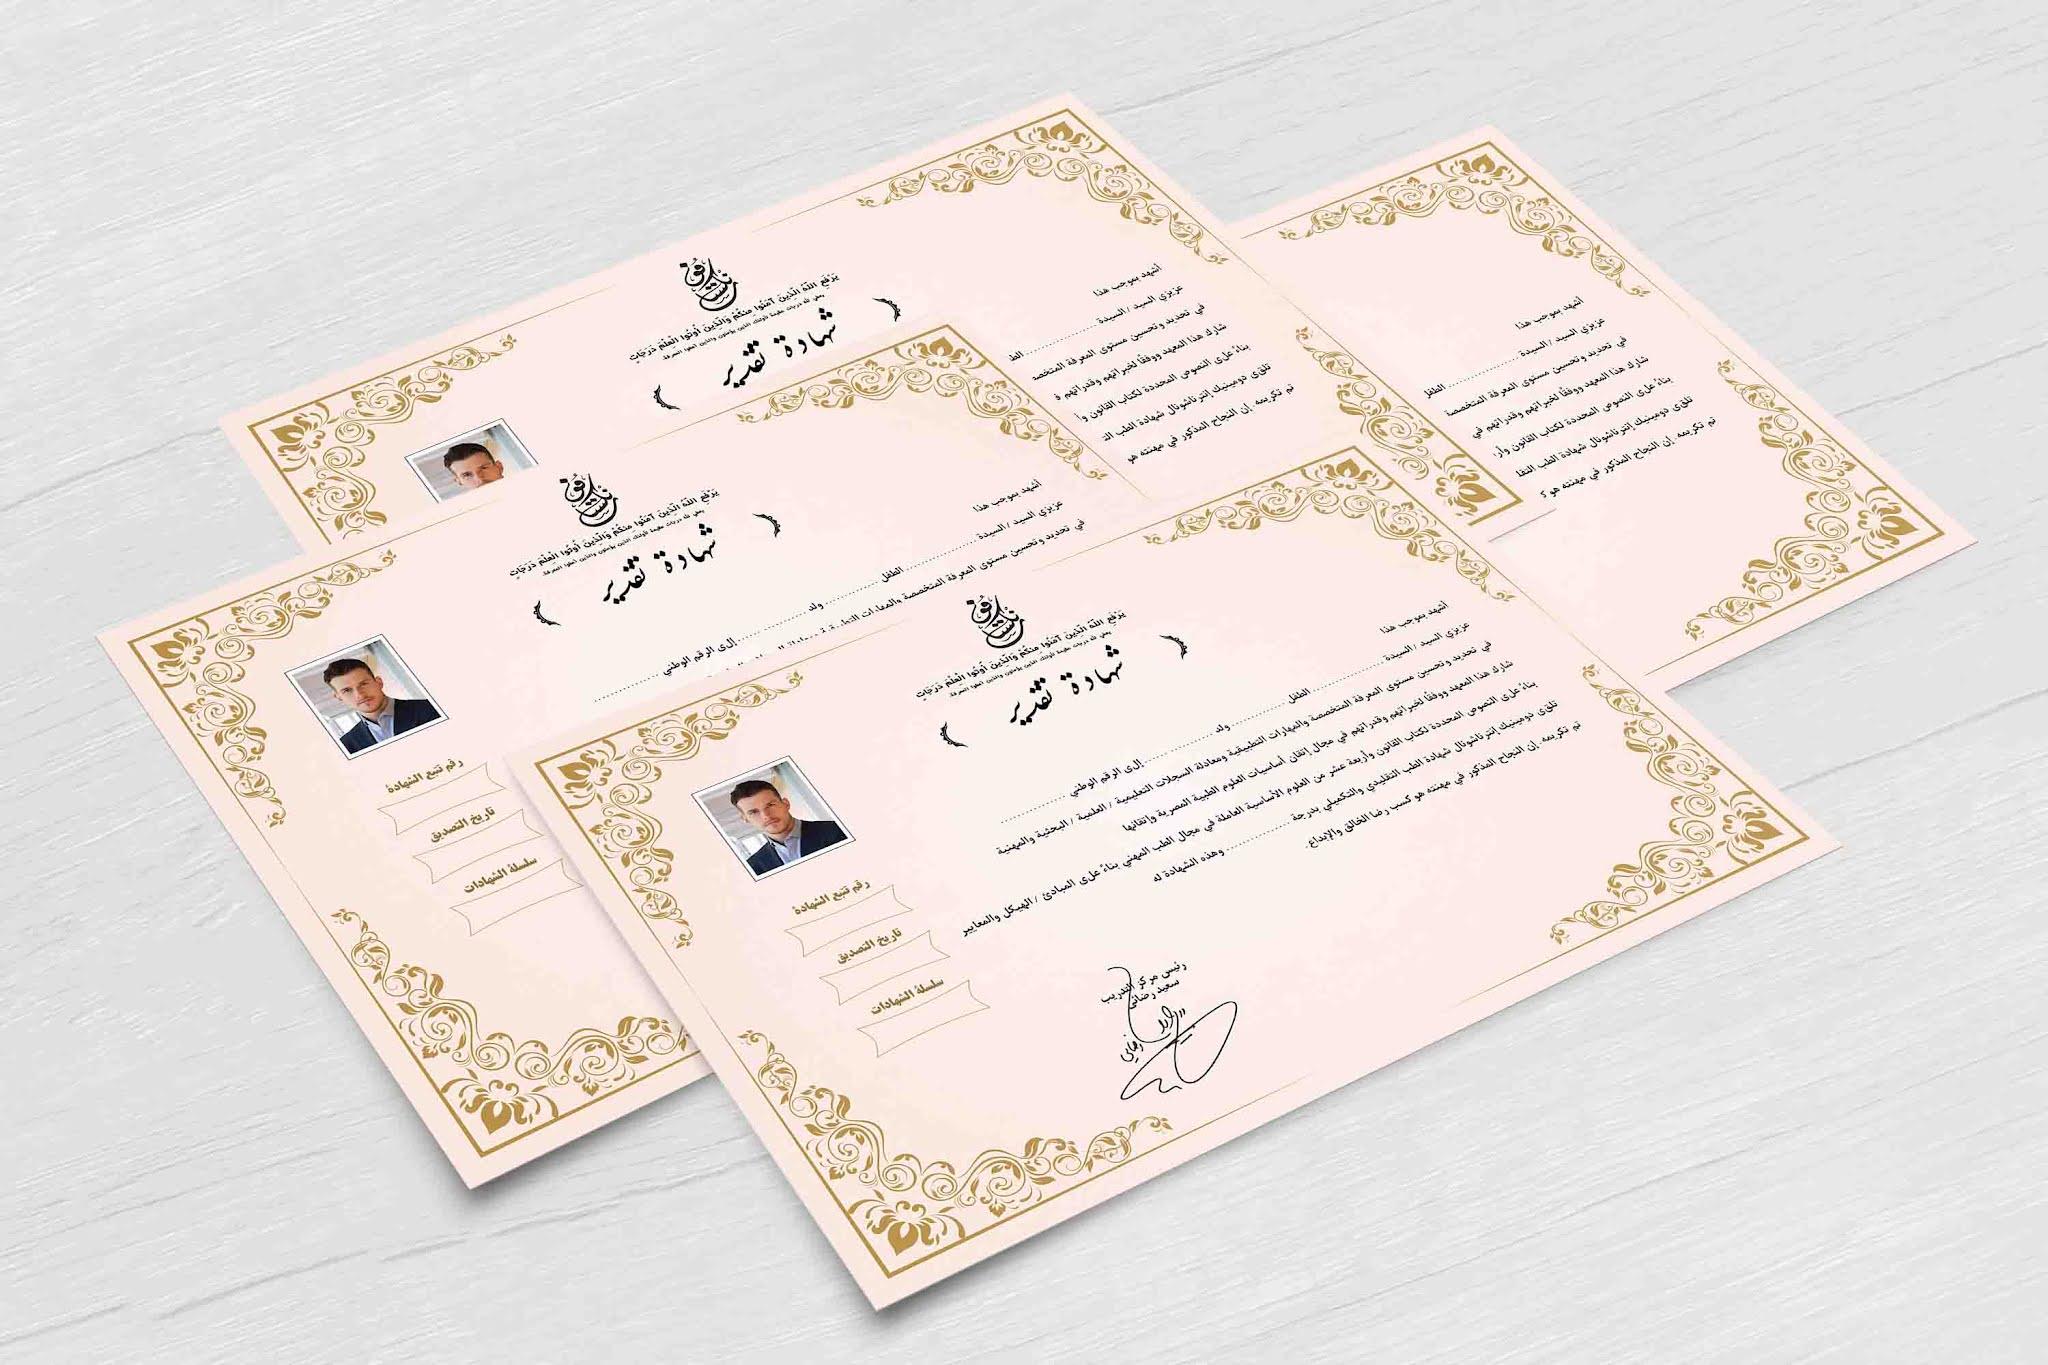 تحميل نموذج شهادة تقدير psd مزخرف بنقوش بسيطة وجميلة